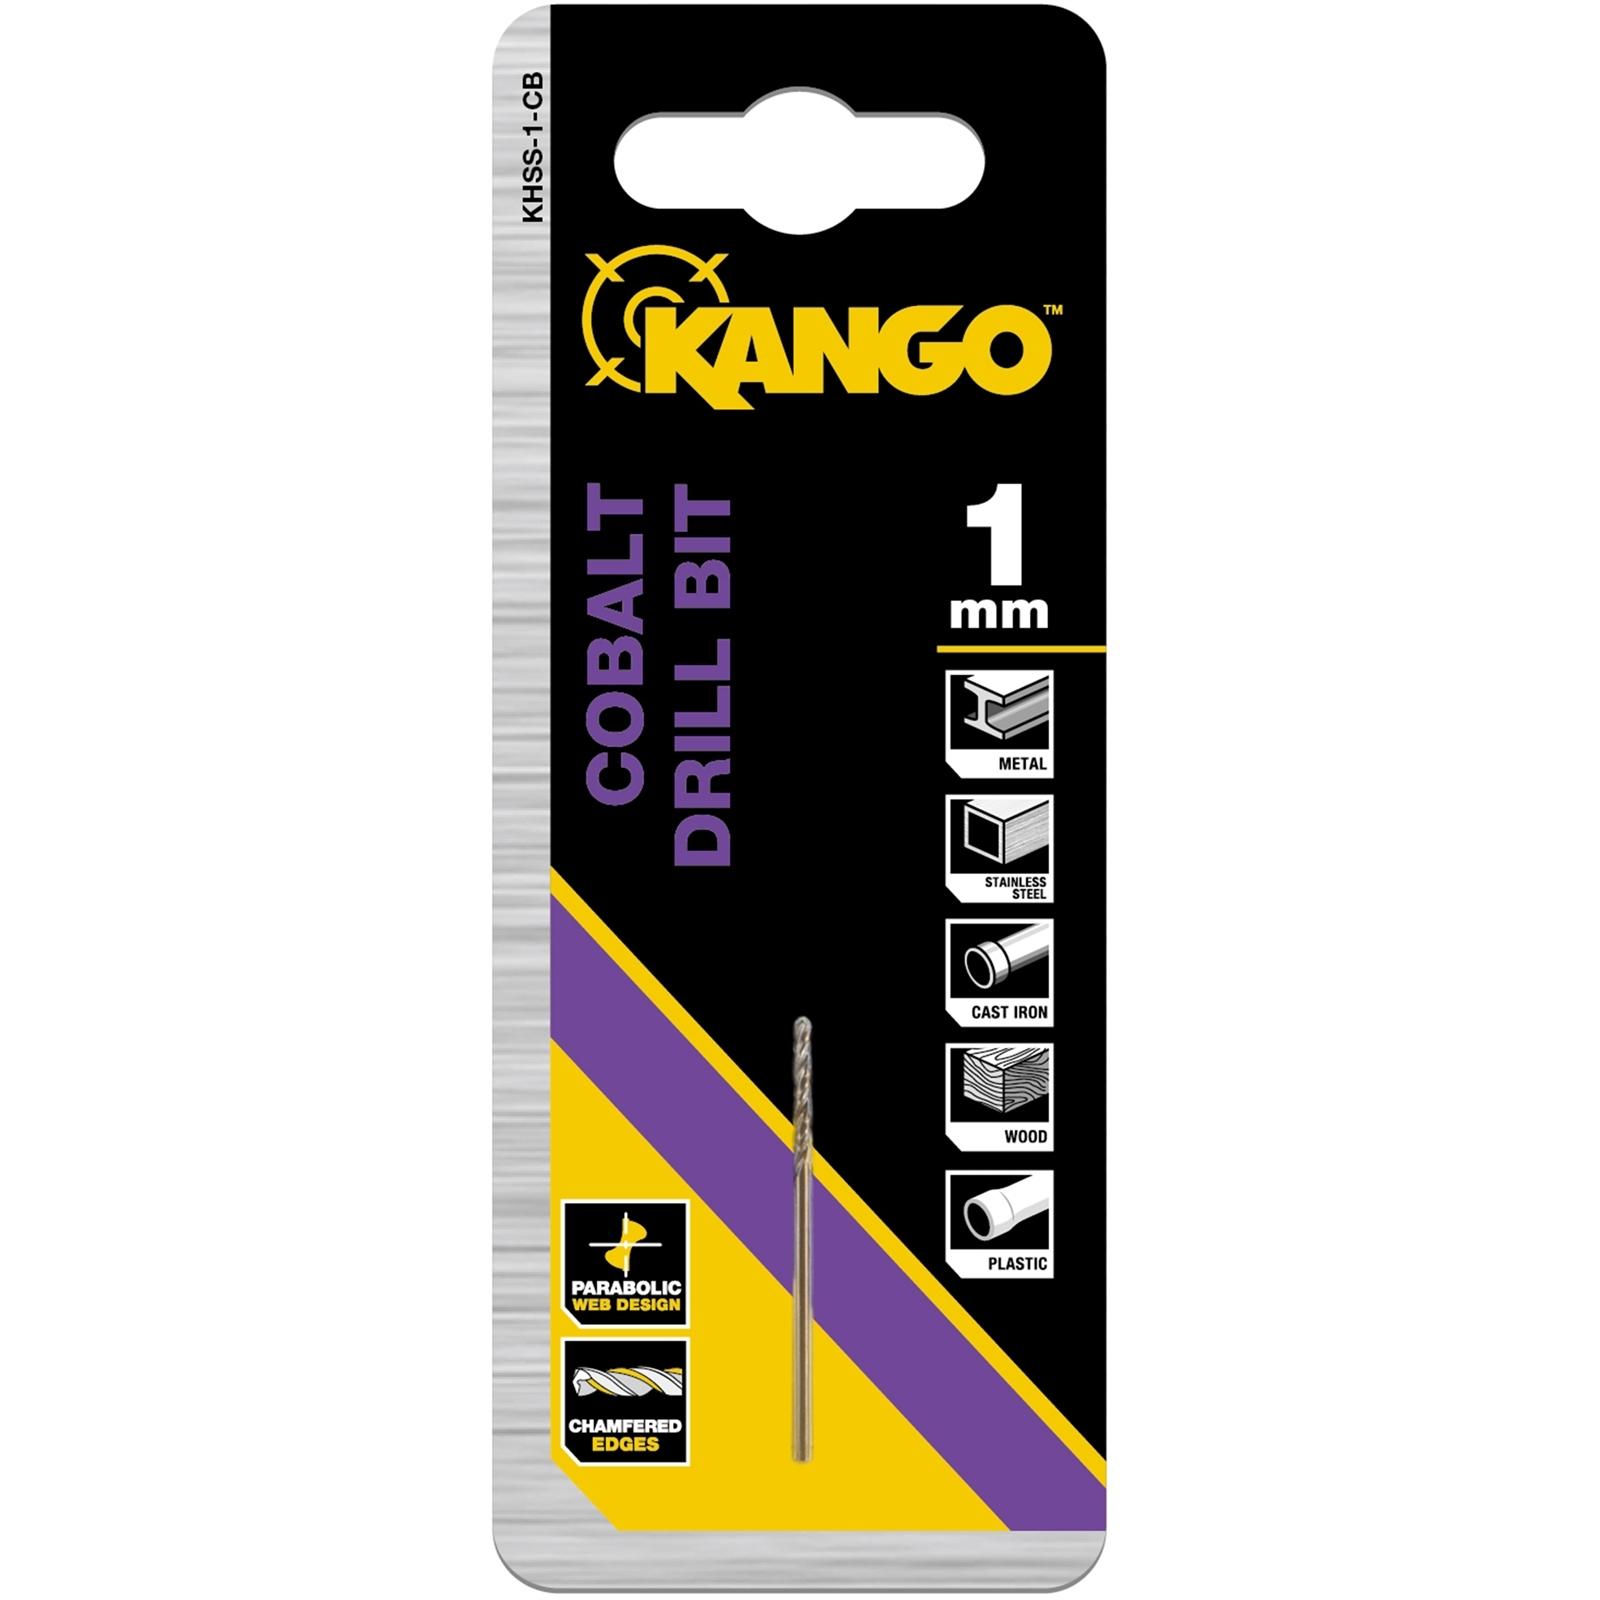 Kango 1mm Cobalt Drill Bit